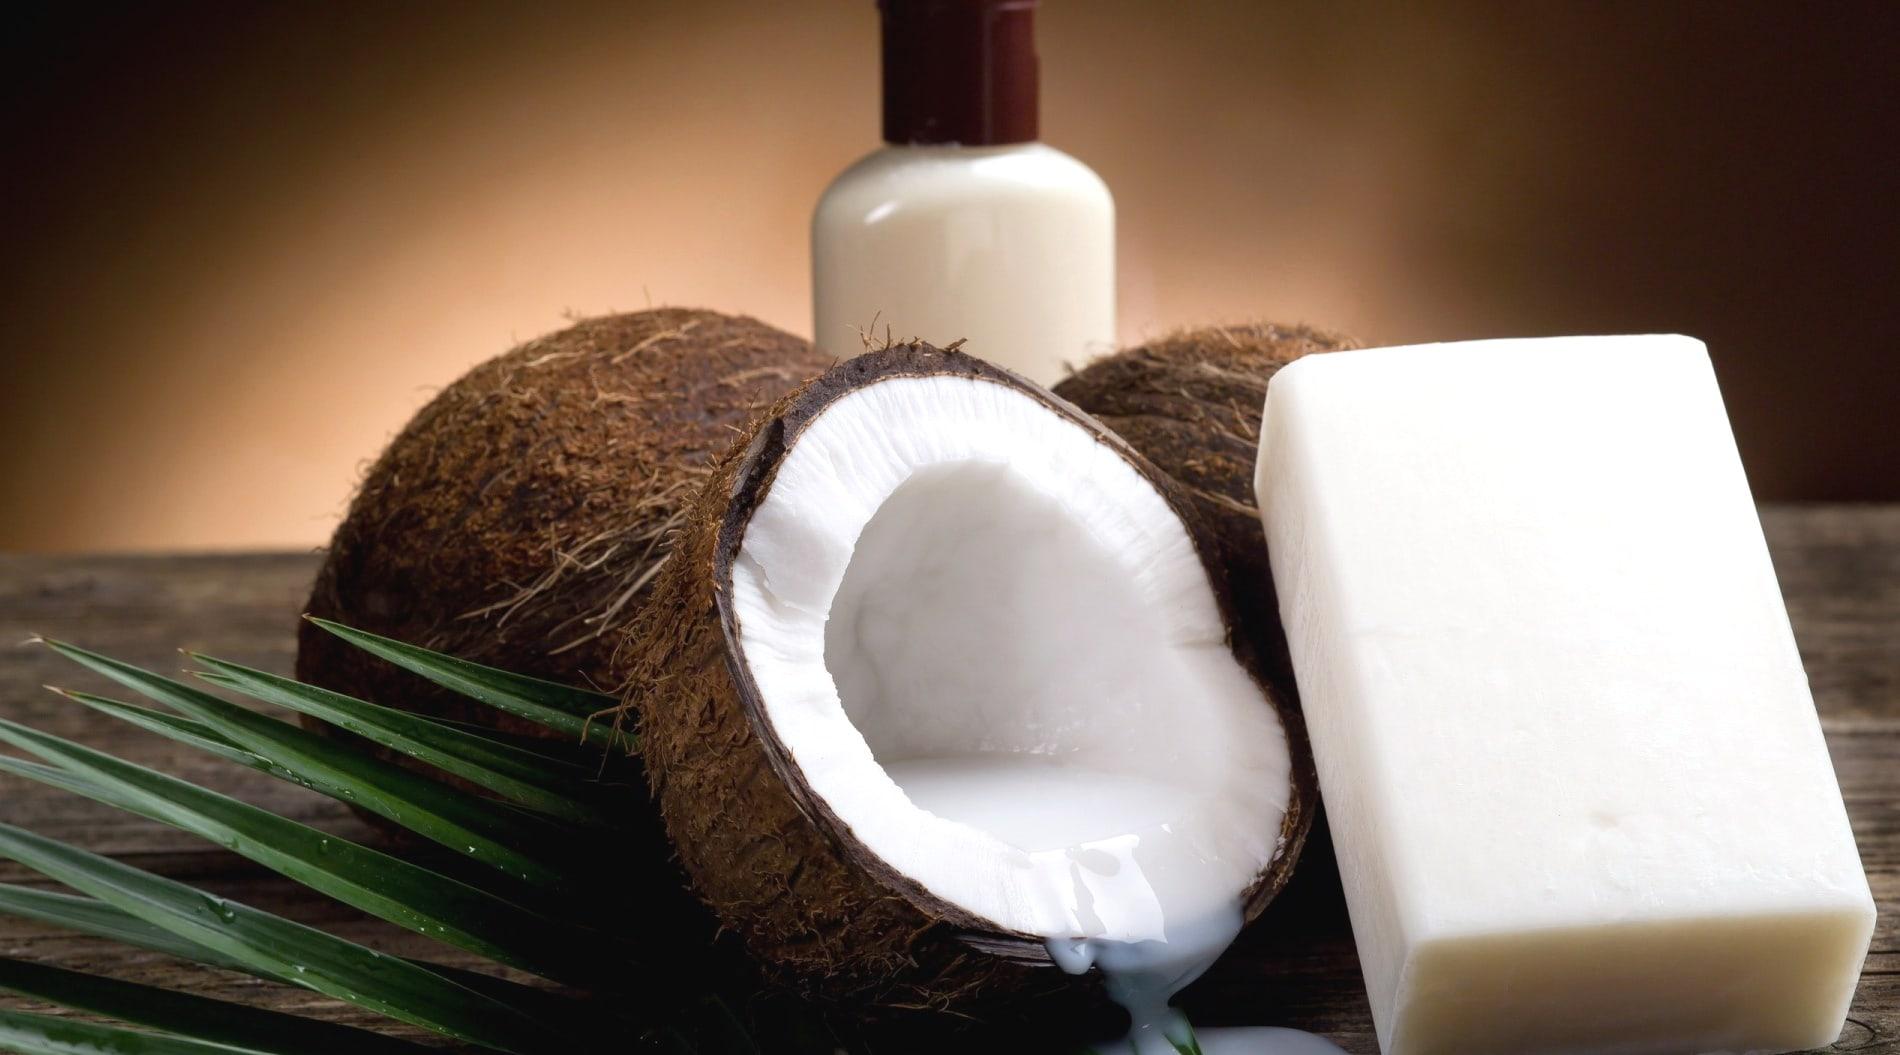 Из кокоса добывают масло, которое широко применяется во многих областях